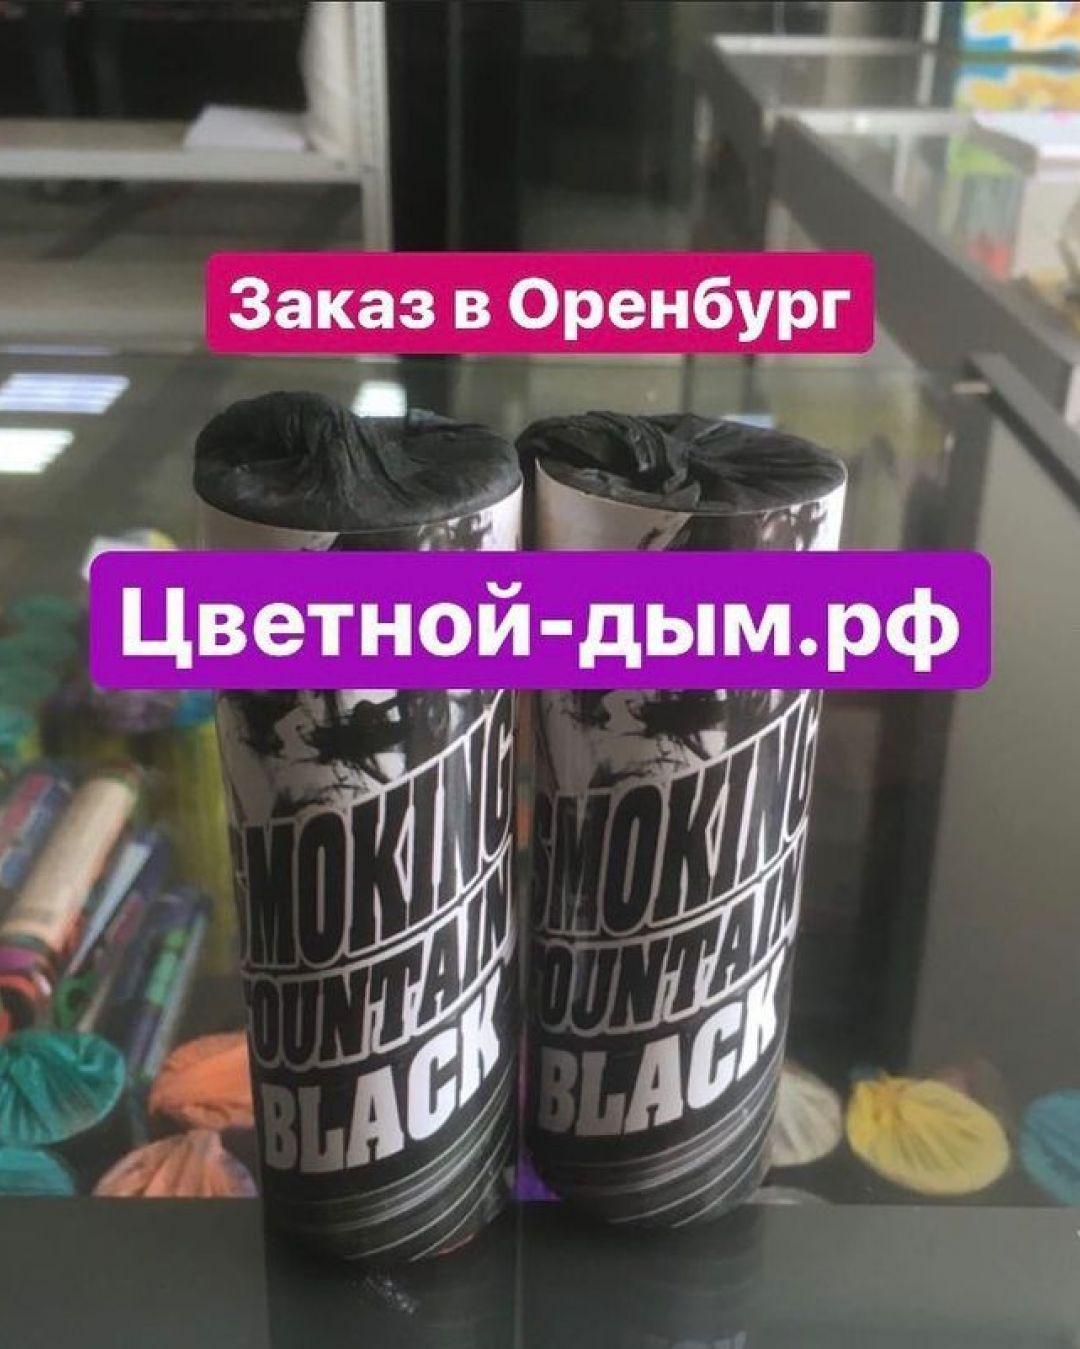 Черный дым отправка - Цветной-дым.рф отзывы